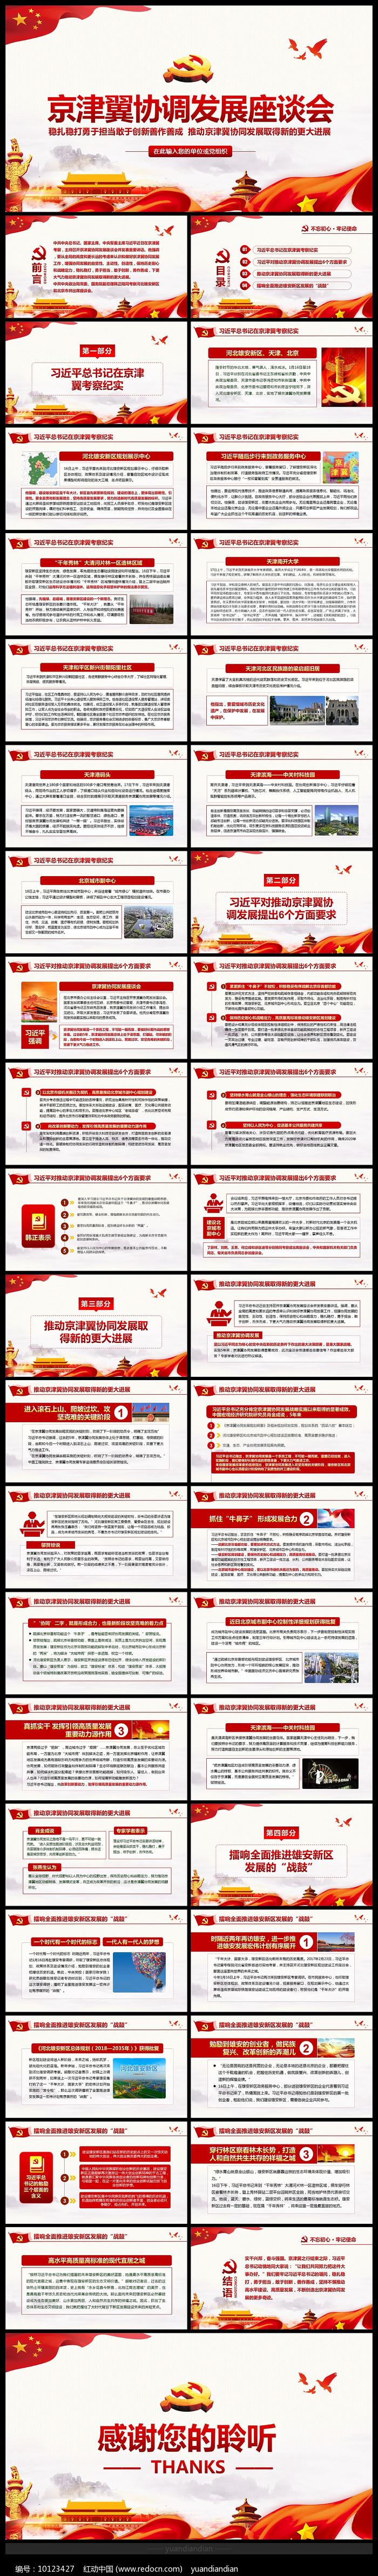 京津冀考察河北雄安新区PPT图片